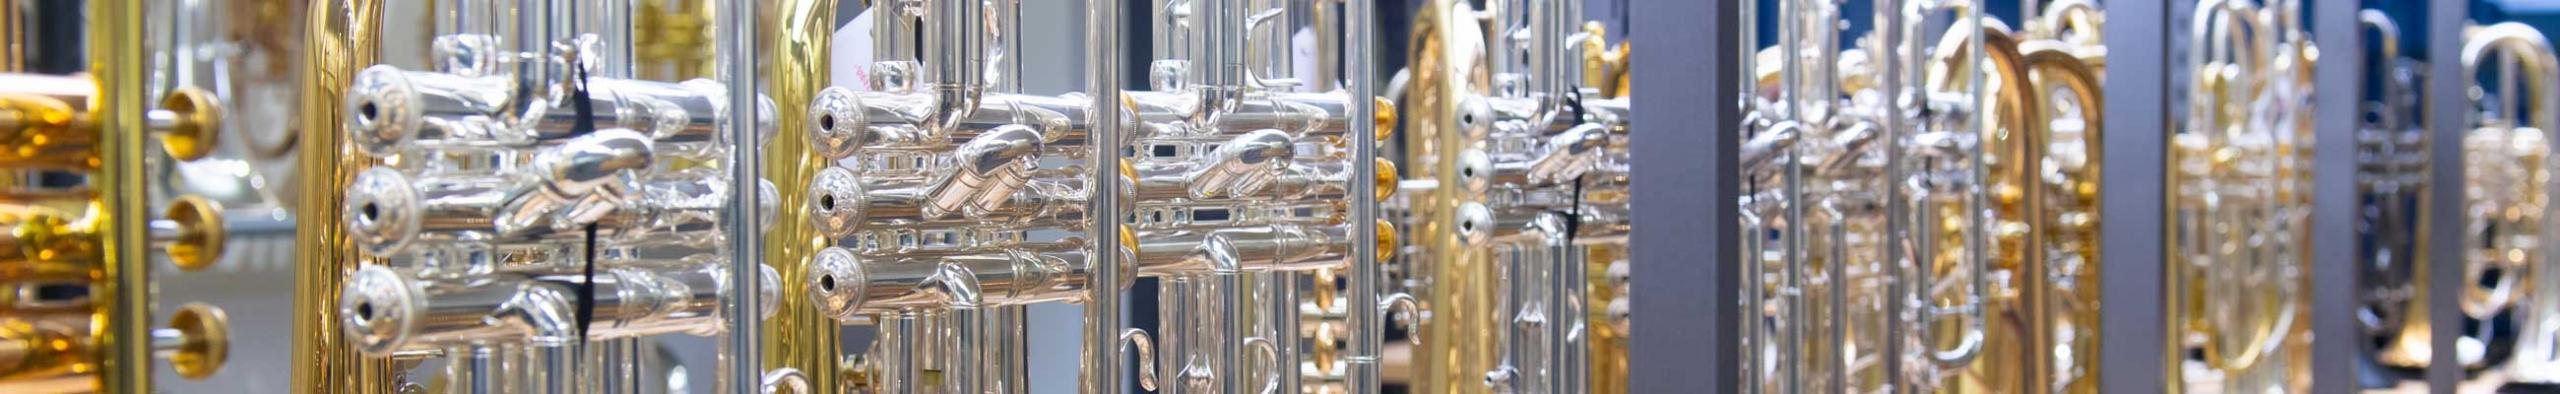 Bach Stradivarius Trompeten und Posaunen im Bach Pro Shop Musikhaus Beck